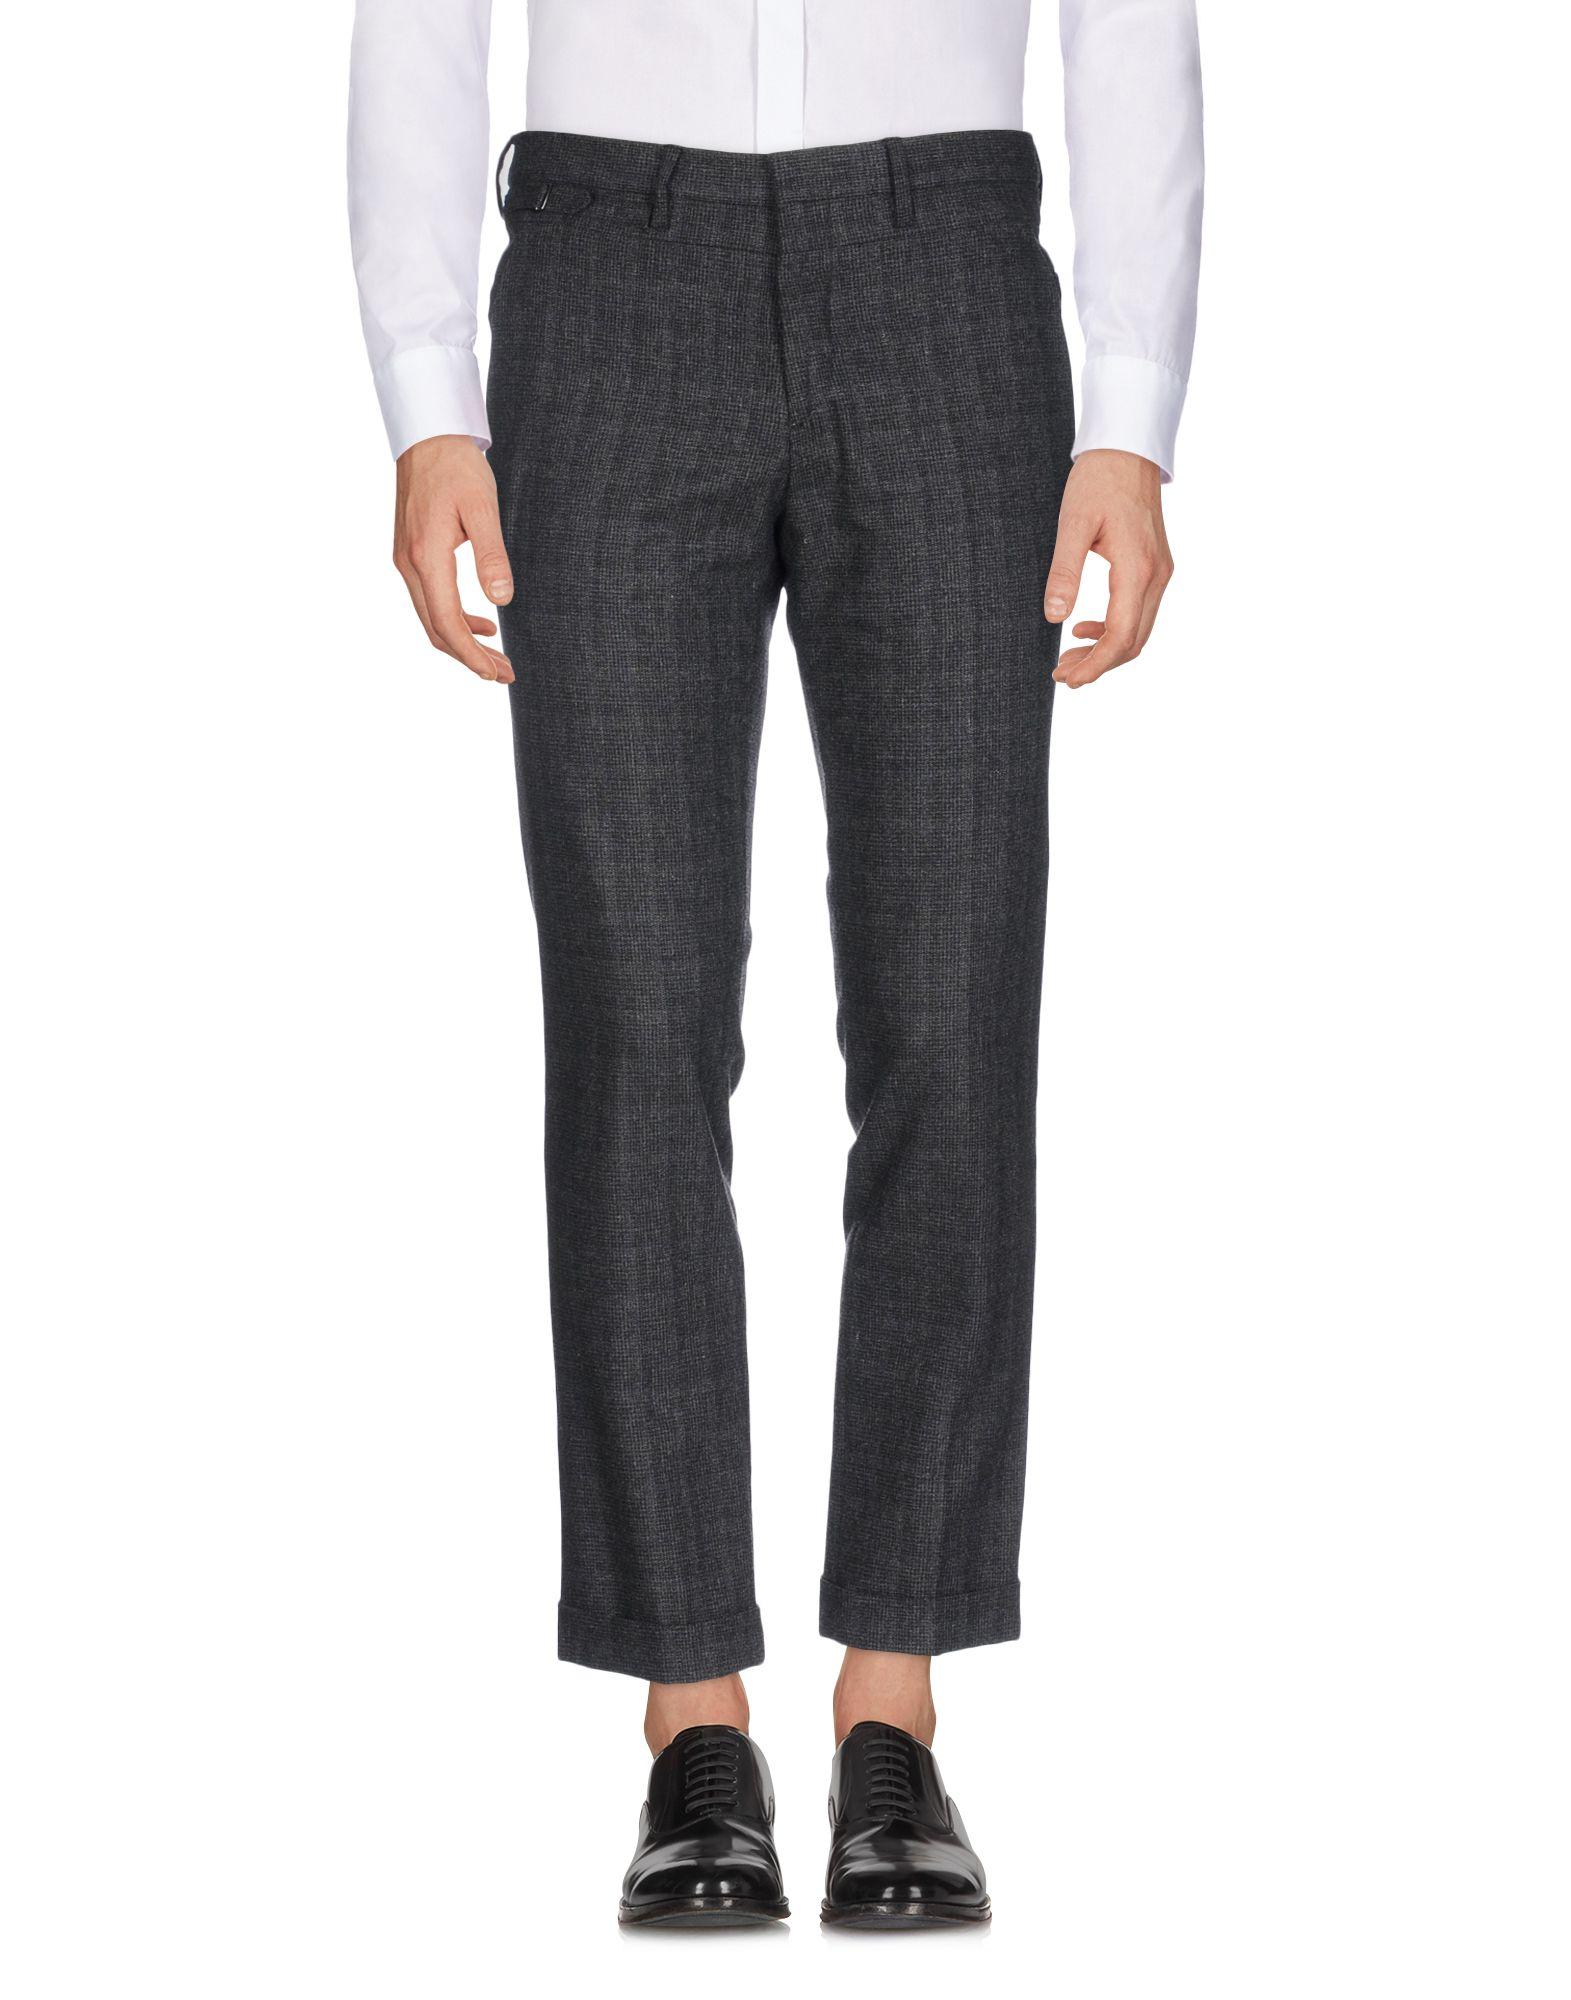 Pantalone Gazzarrini Uomo - Acquista online su